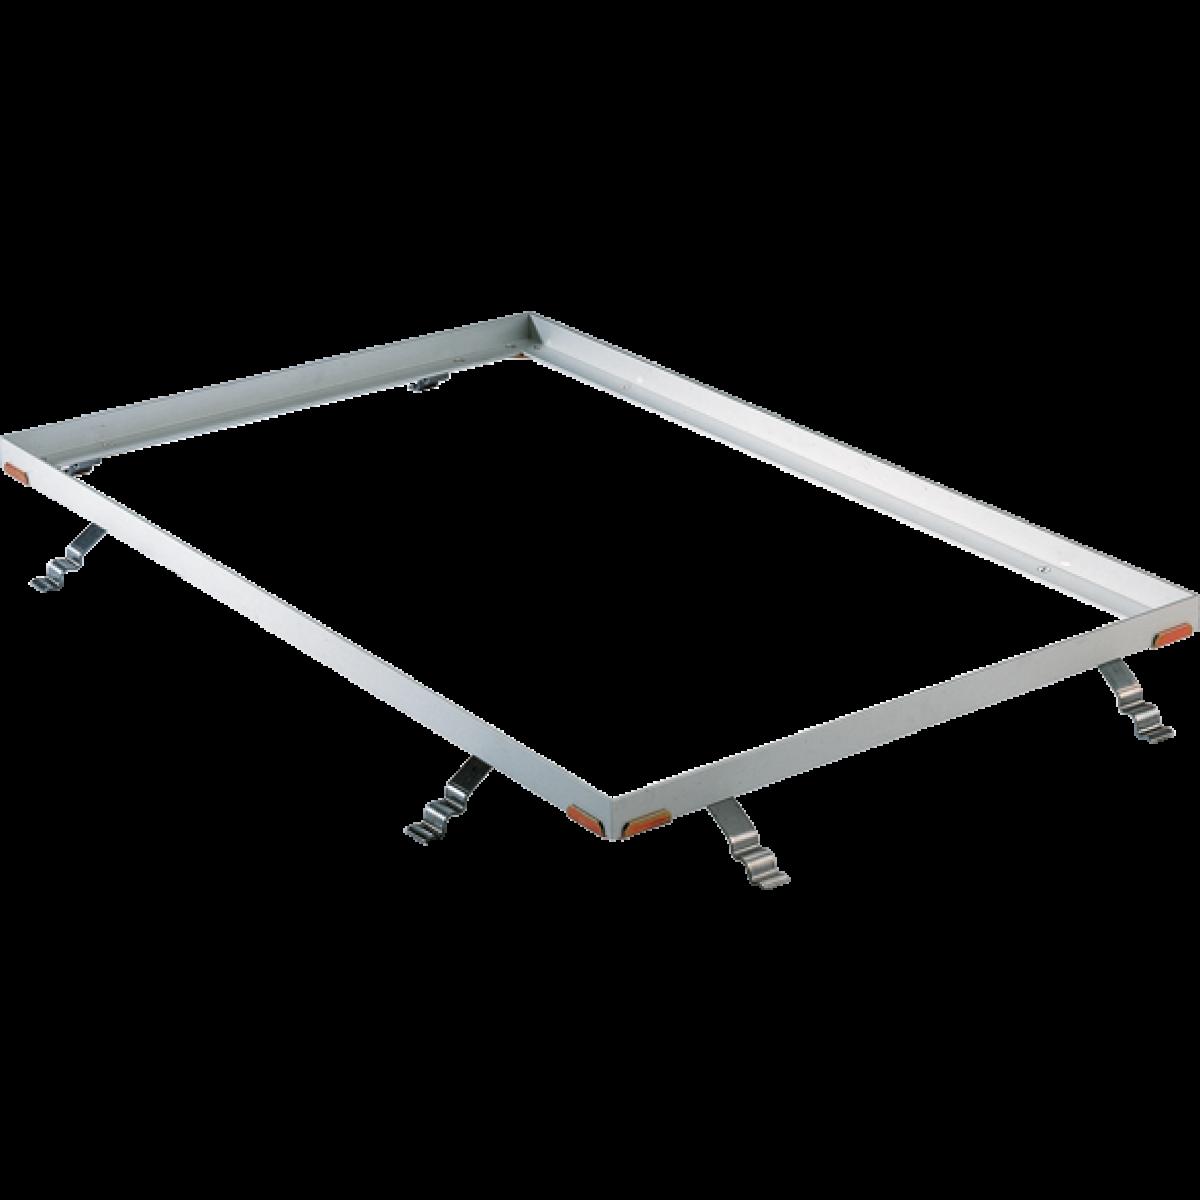 Aluminium-Profil 30/30/3 mm für Reinstreifer